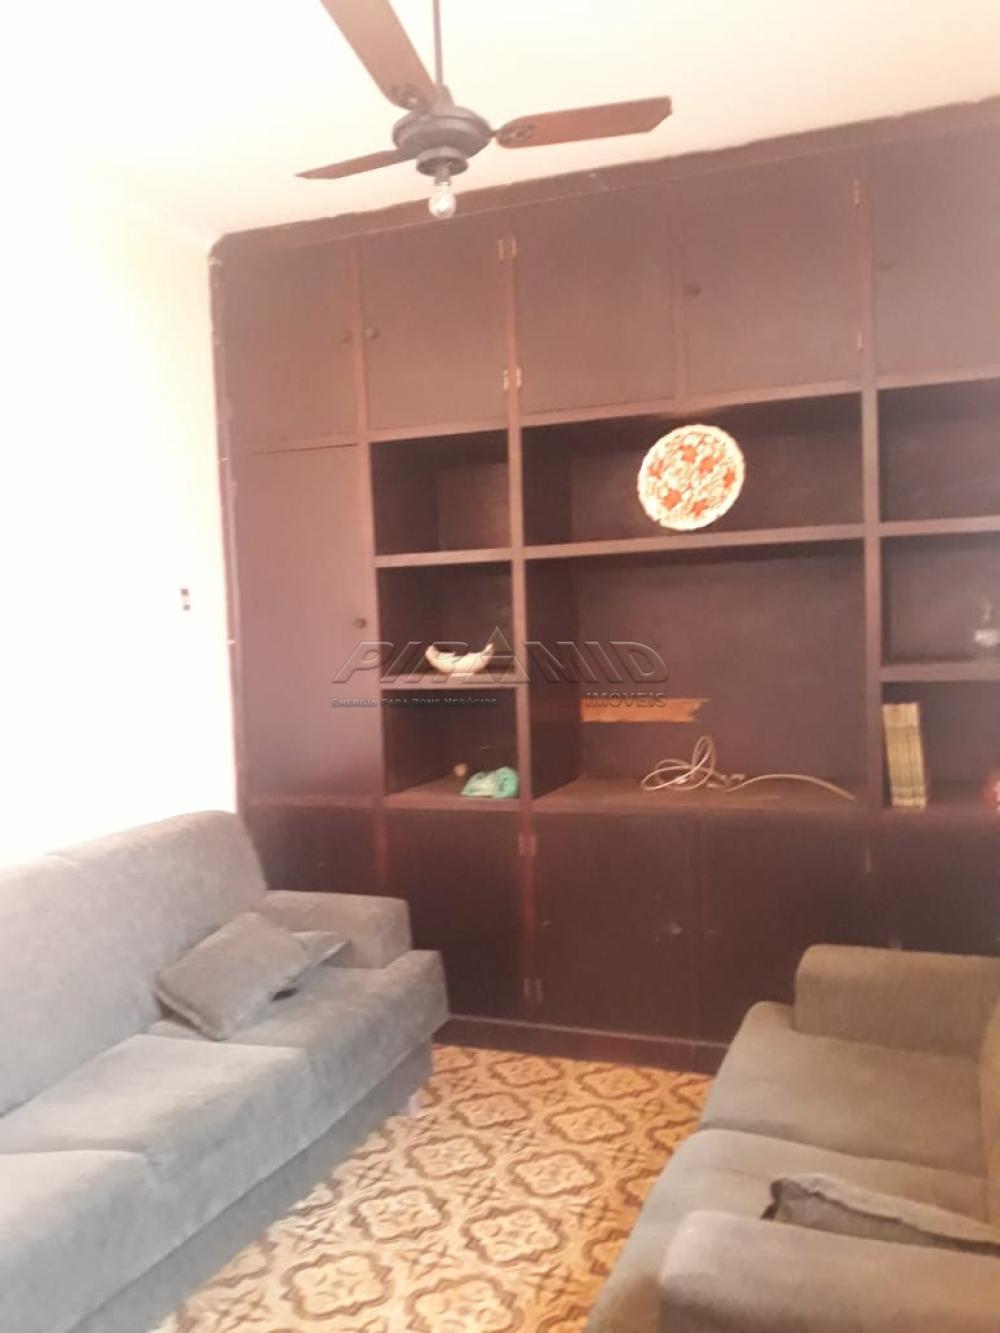 Alugar Casa / Padrão em Ribeirão Preto R$ 1.500,00 - Foto 9